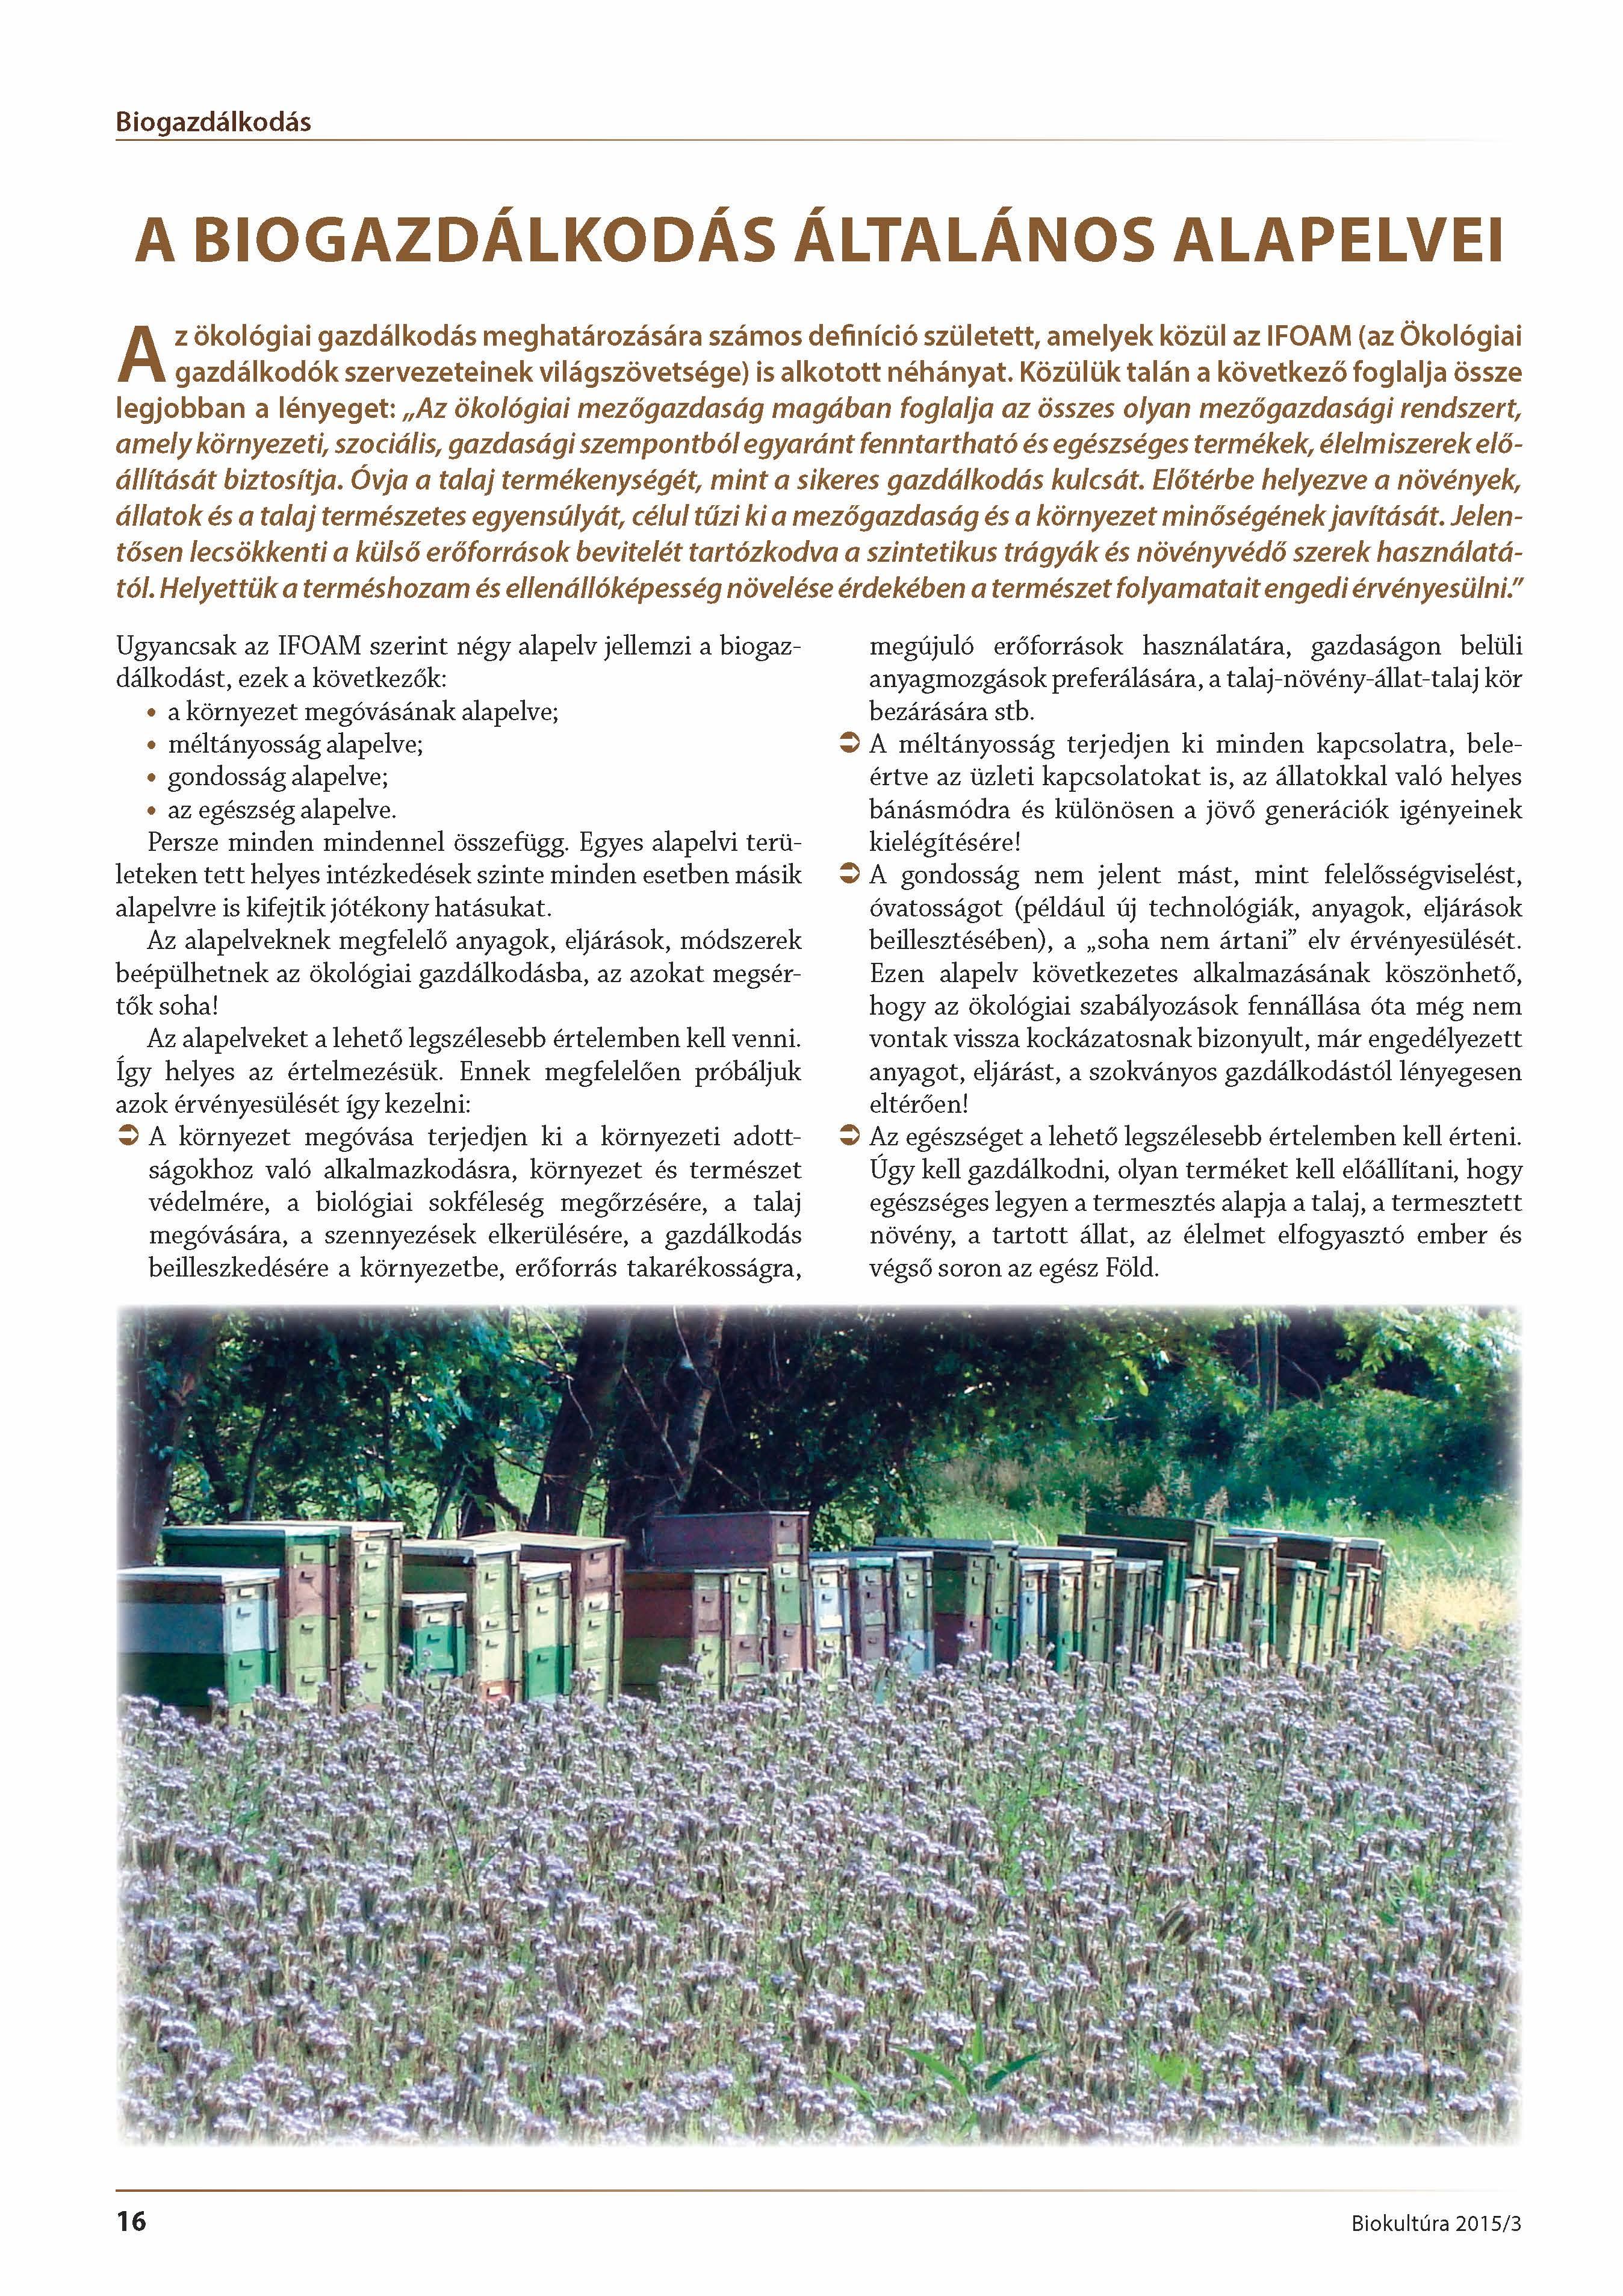 Biokontroll engedélyezett szerek